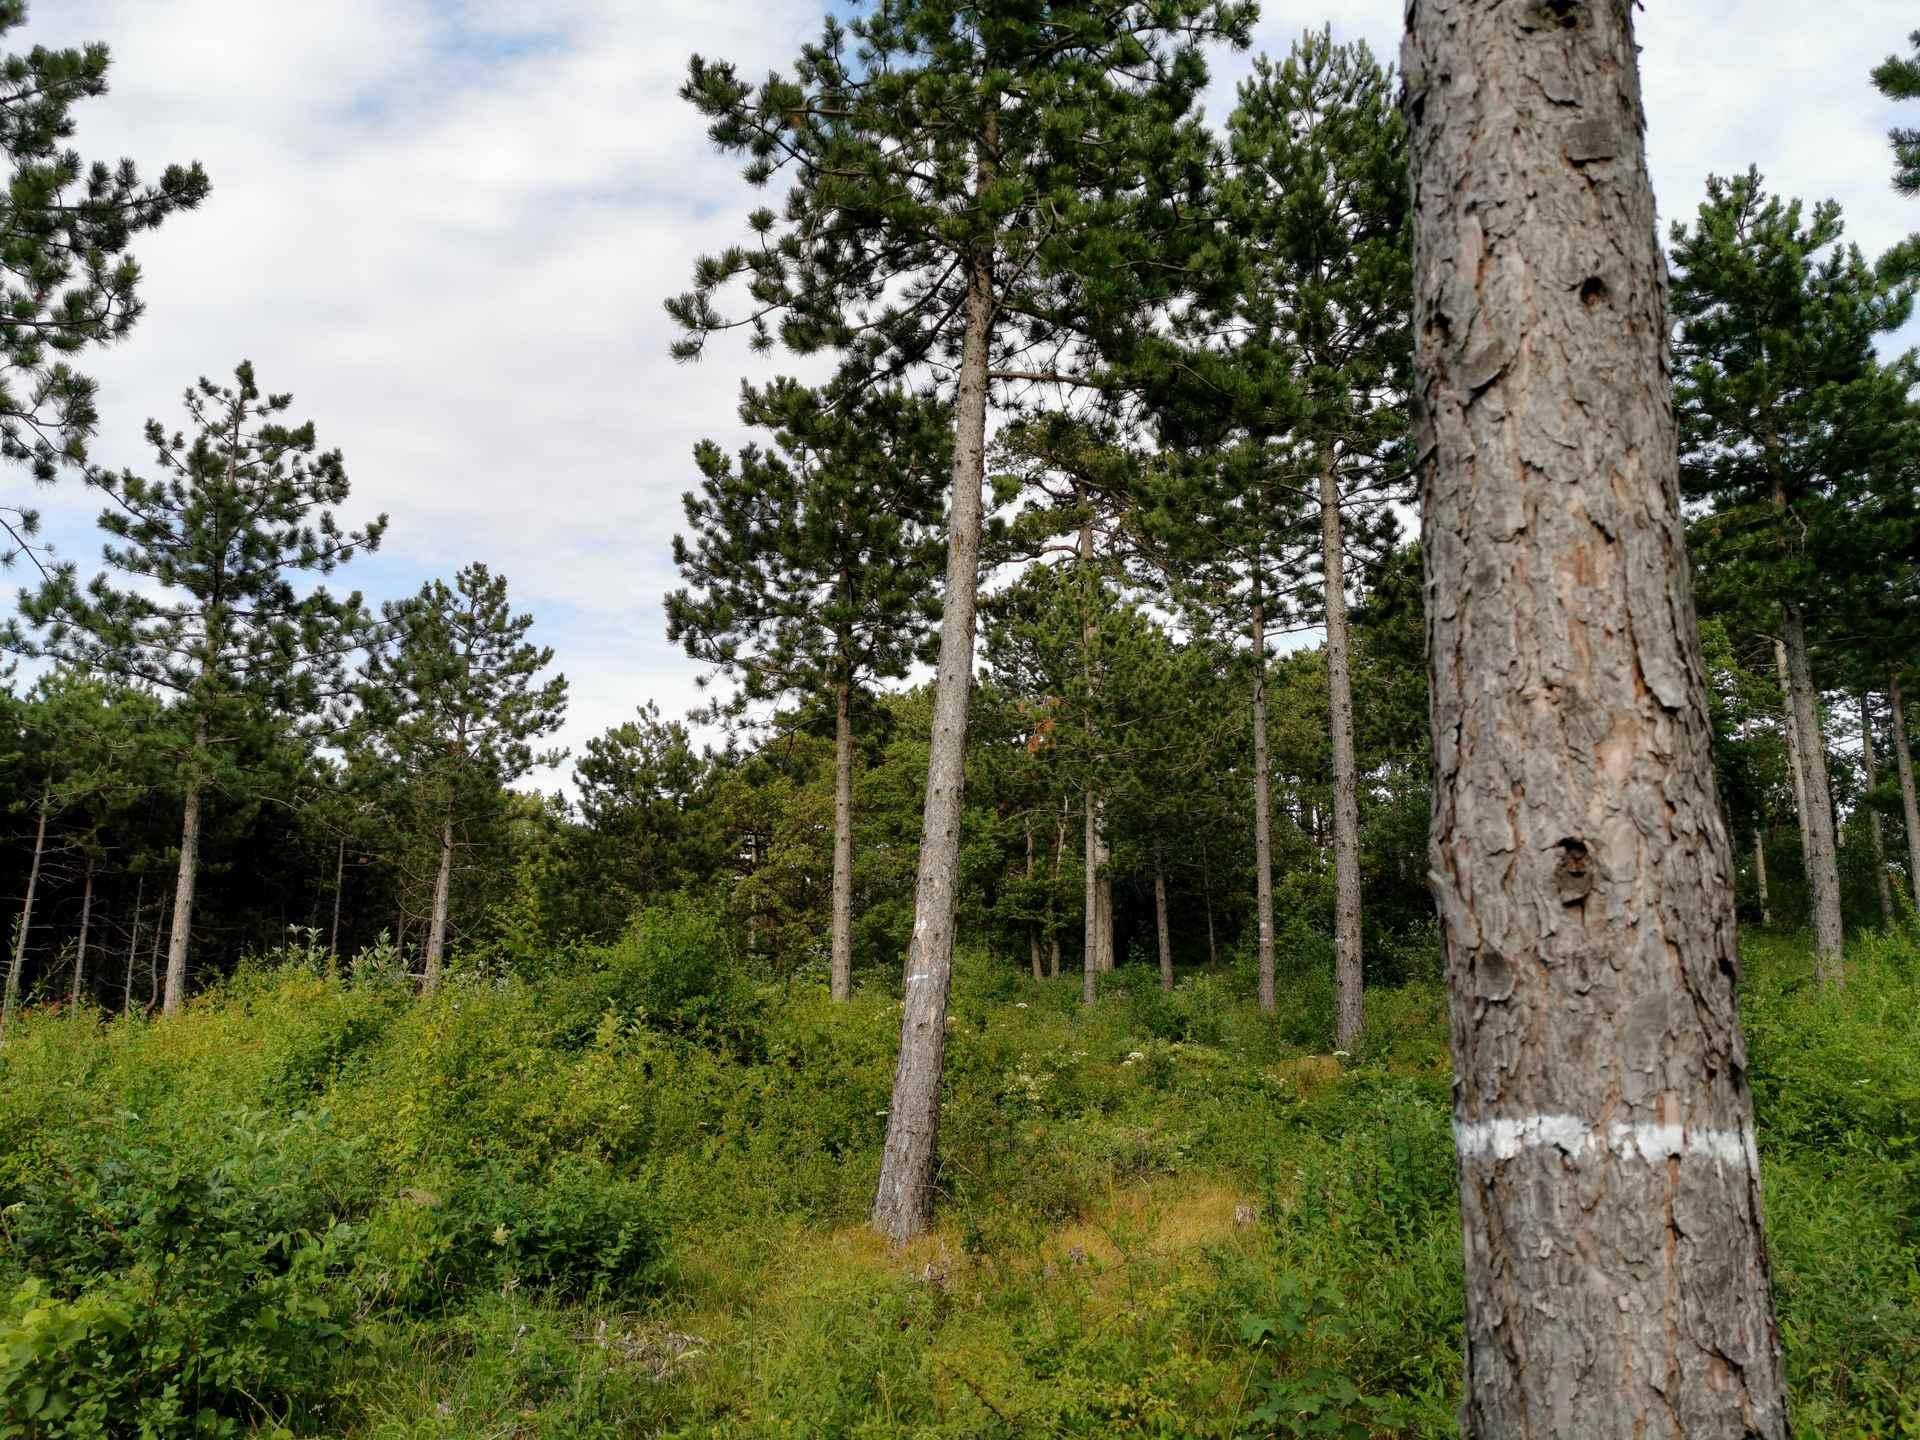 Variante C - Aushieb aller Bäume bis auf die Z-Bäume